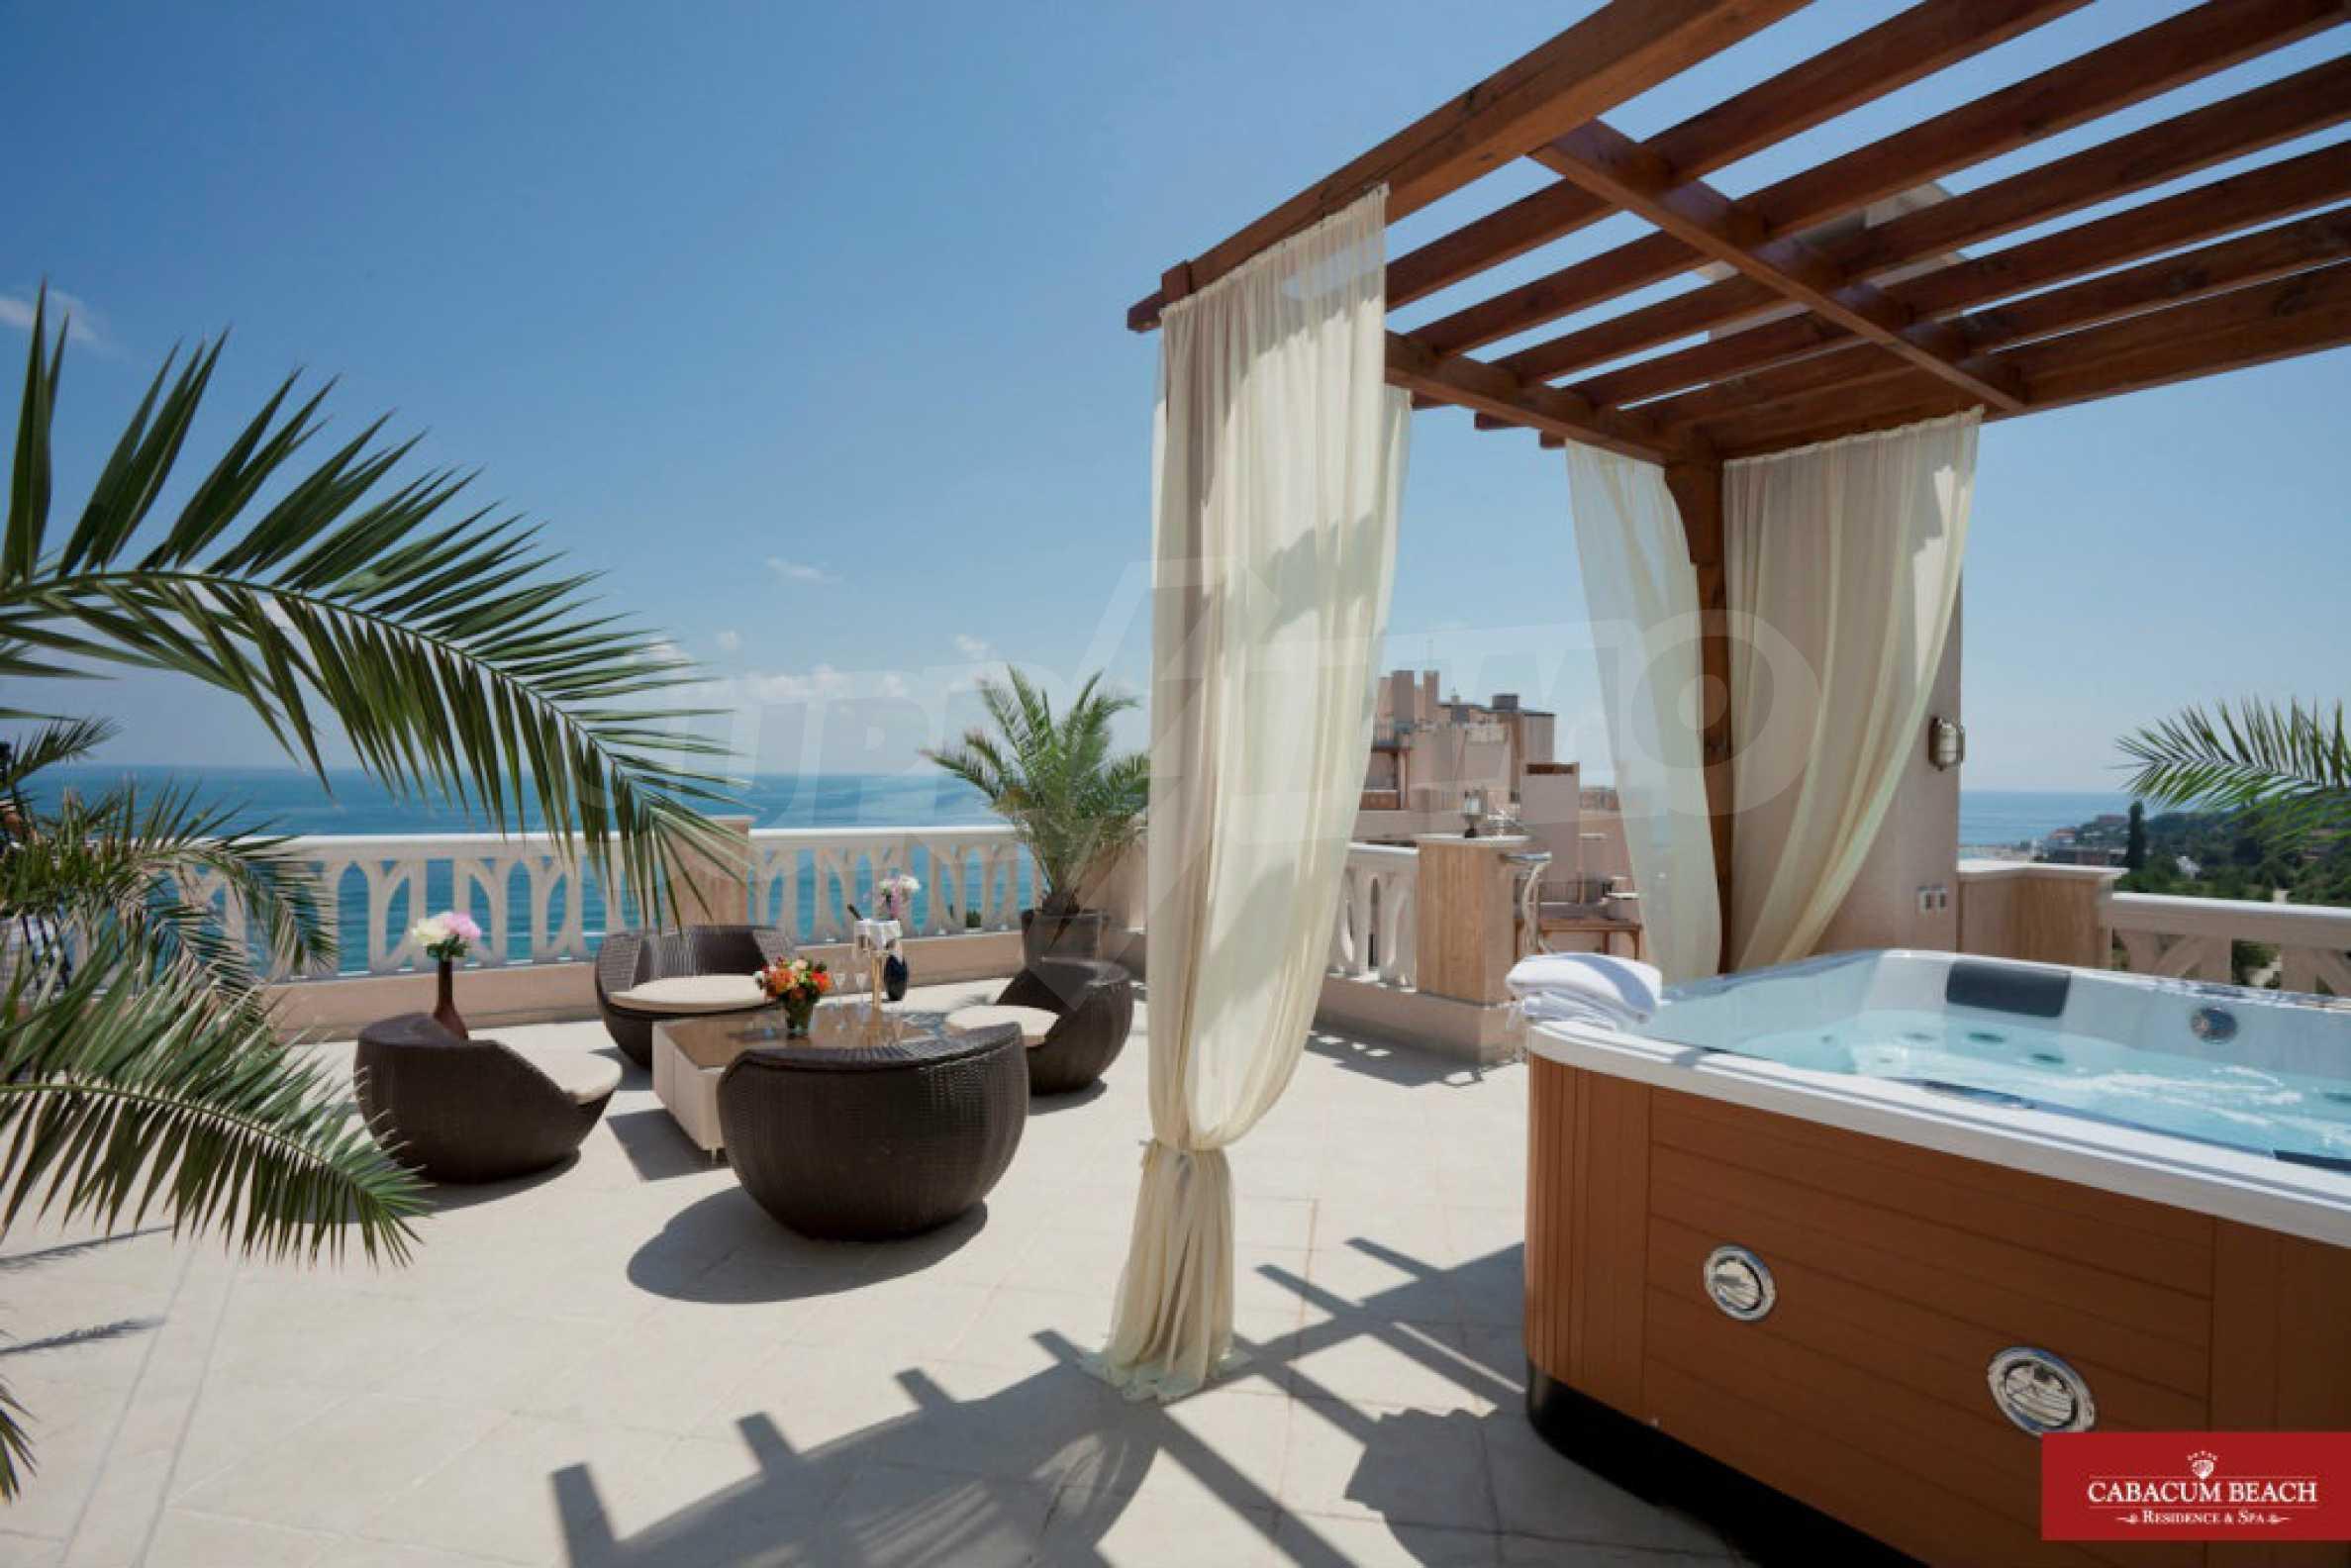 Two-bedroom apartment near Golden Sands resort 5